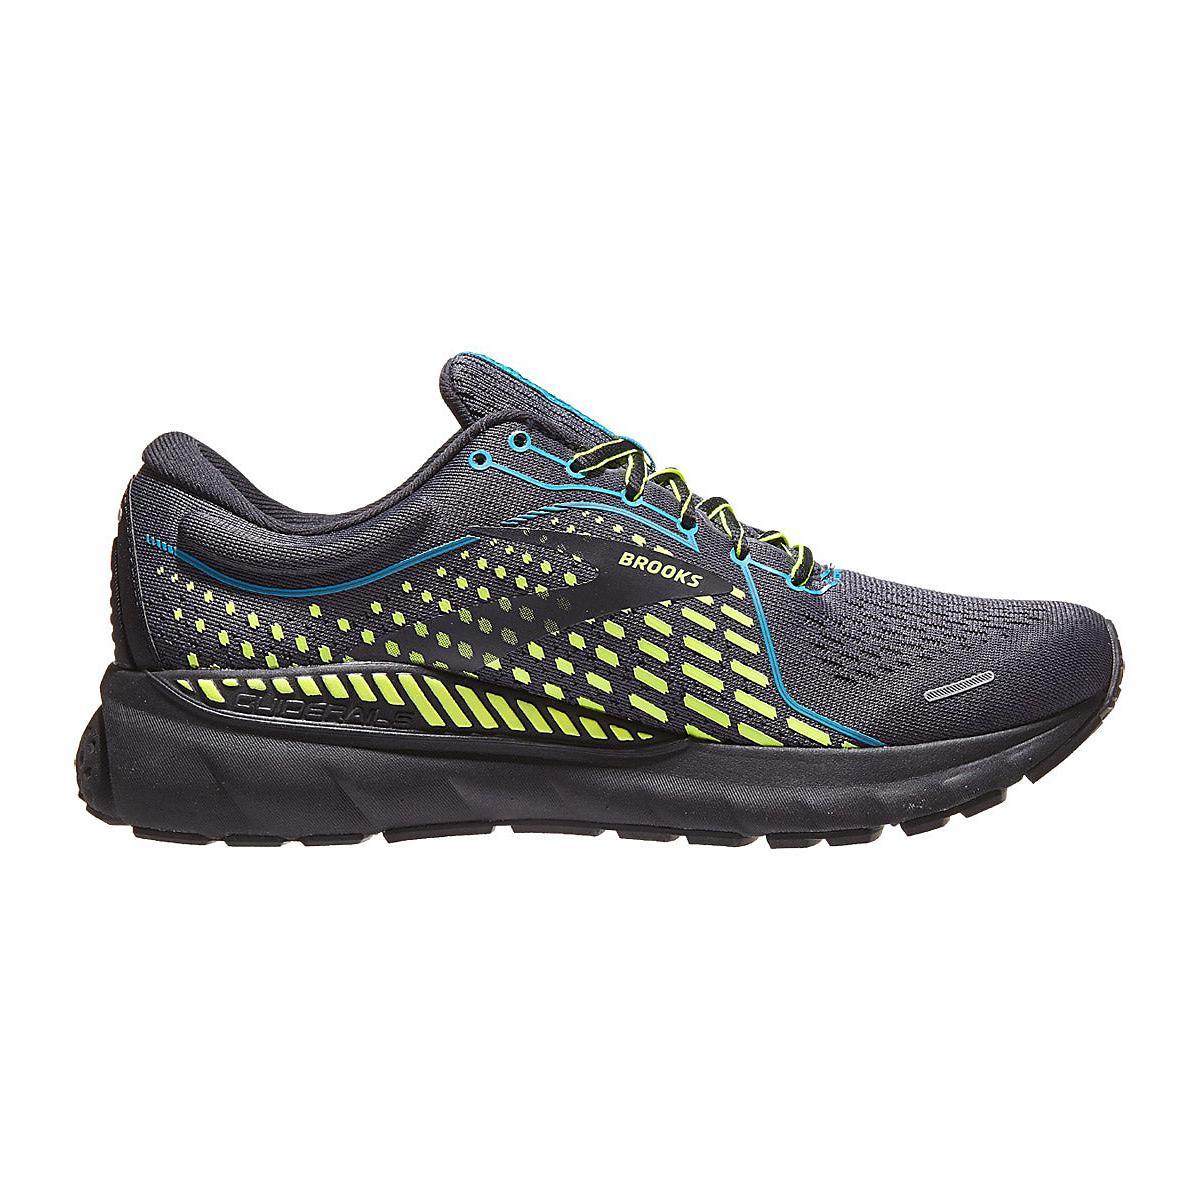 Men's Brooks Adrenaline Gts 21 Running Shoe - Color: Black/Blue Jewel - Size: 8 - Width: Regular, Black/Blue Jewel, large, image 1